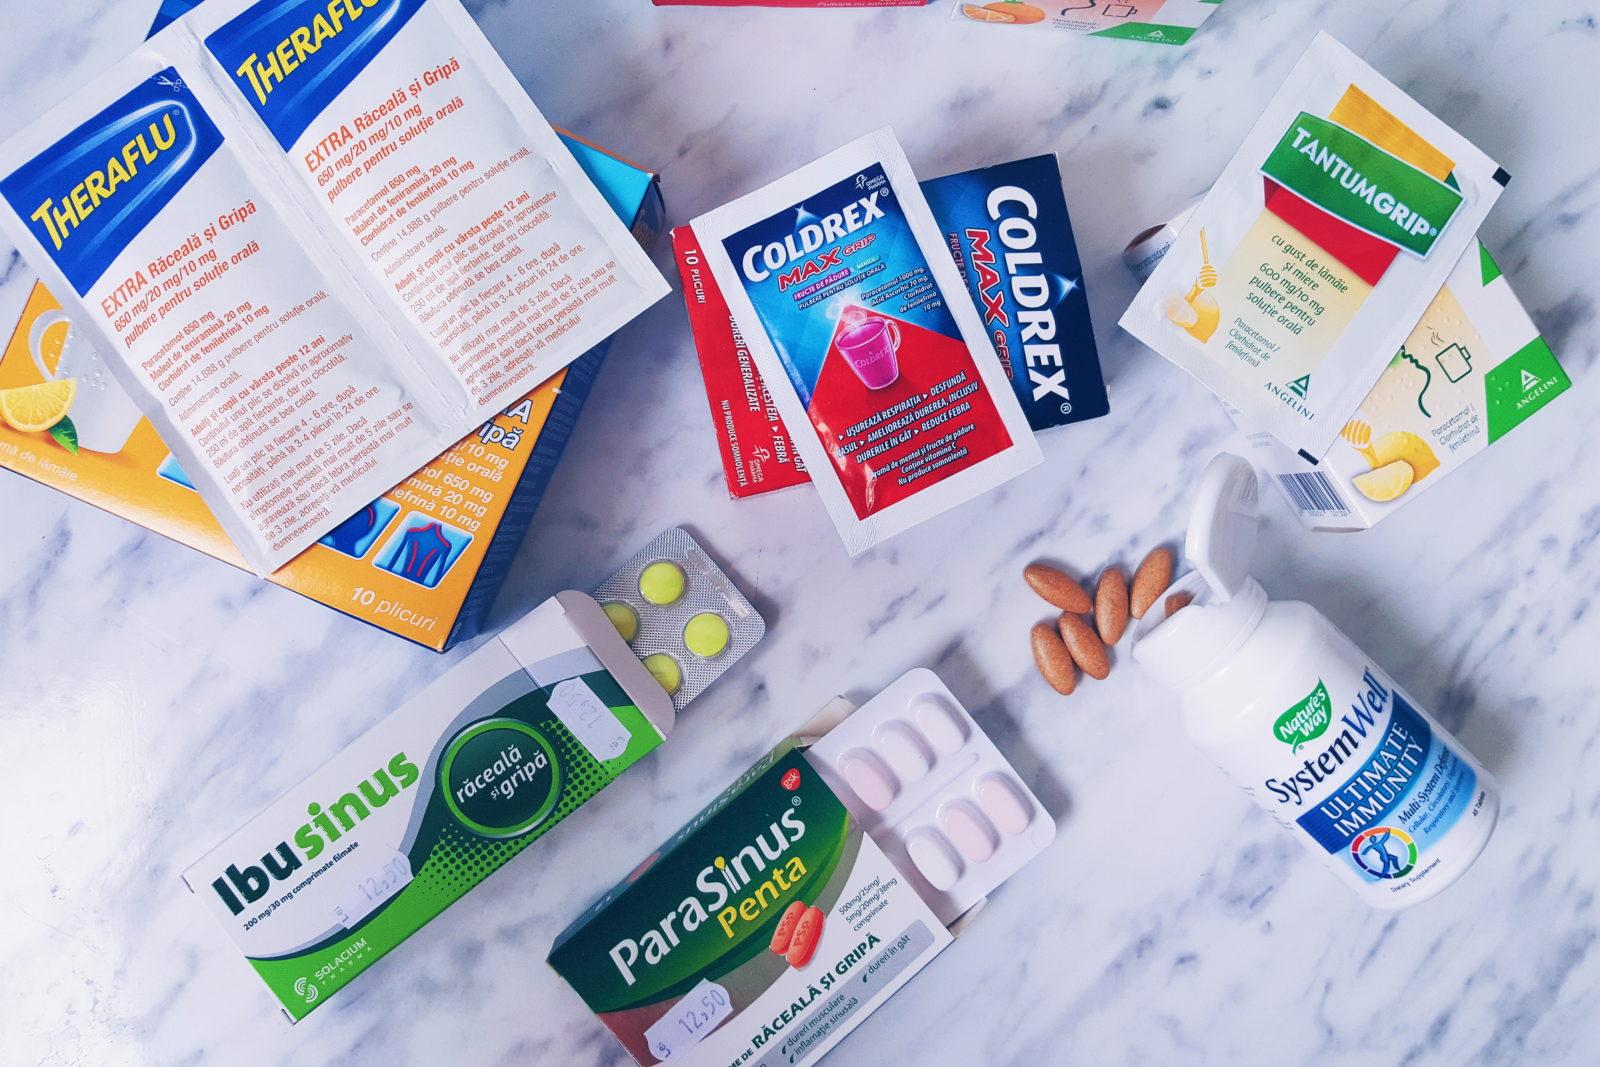 Răceala: simptome, autoîngrijire, tratament alternativ